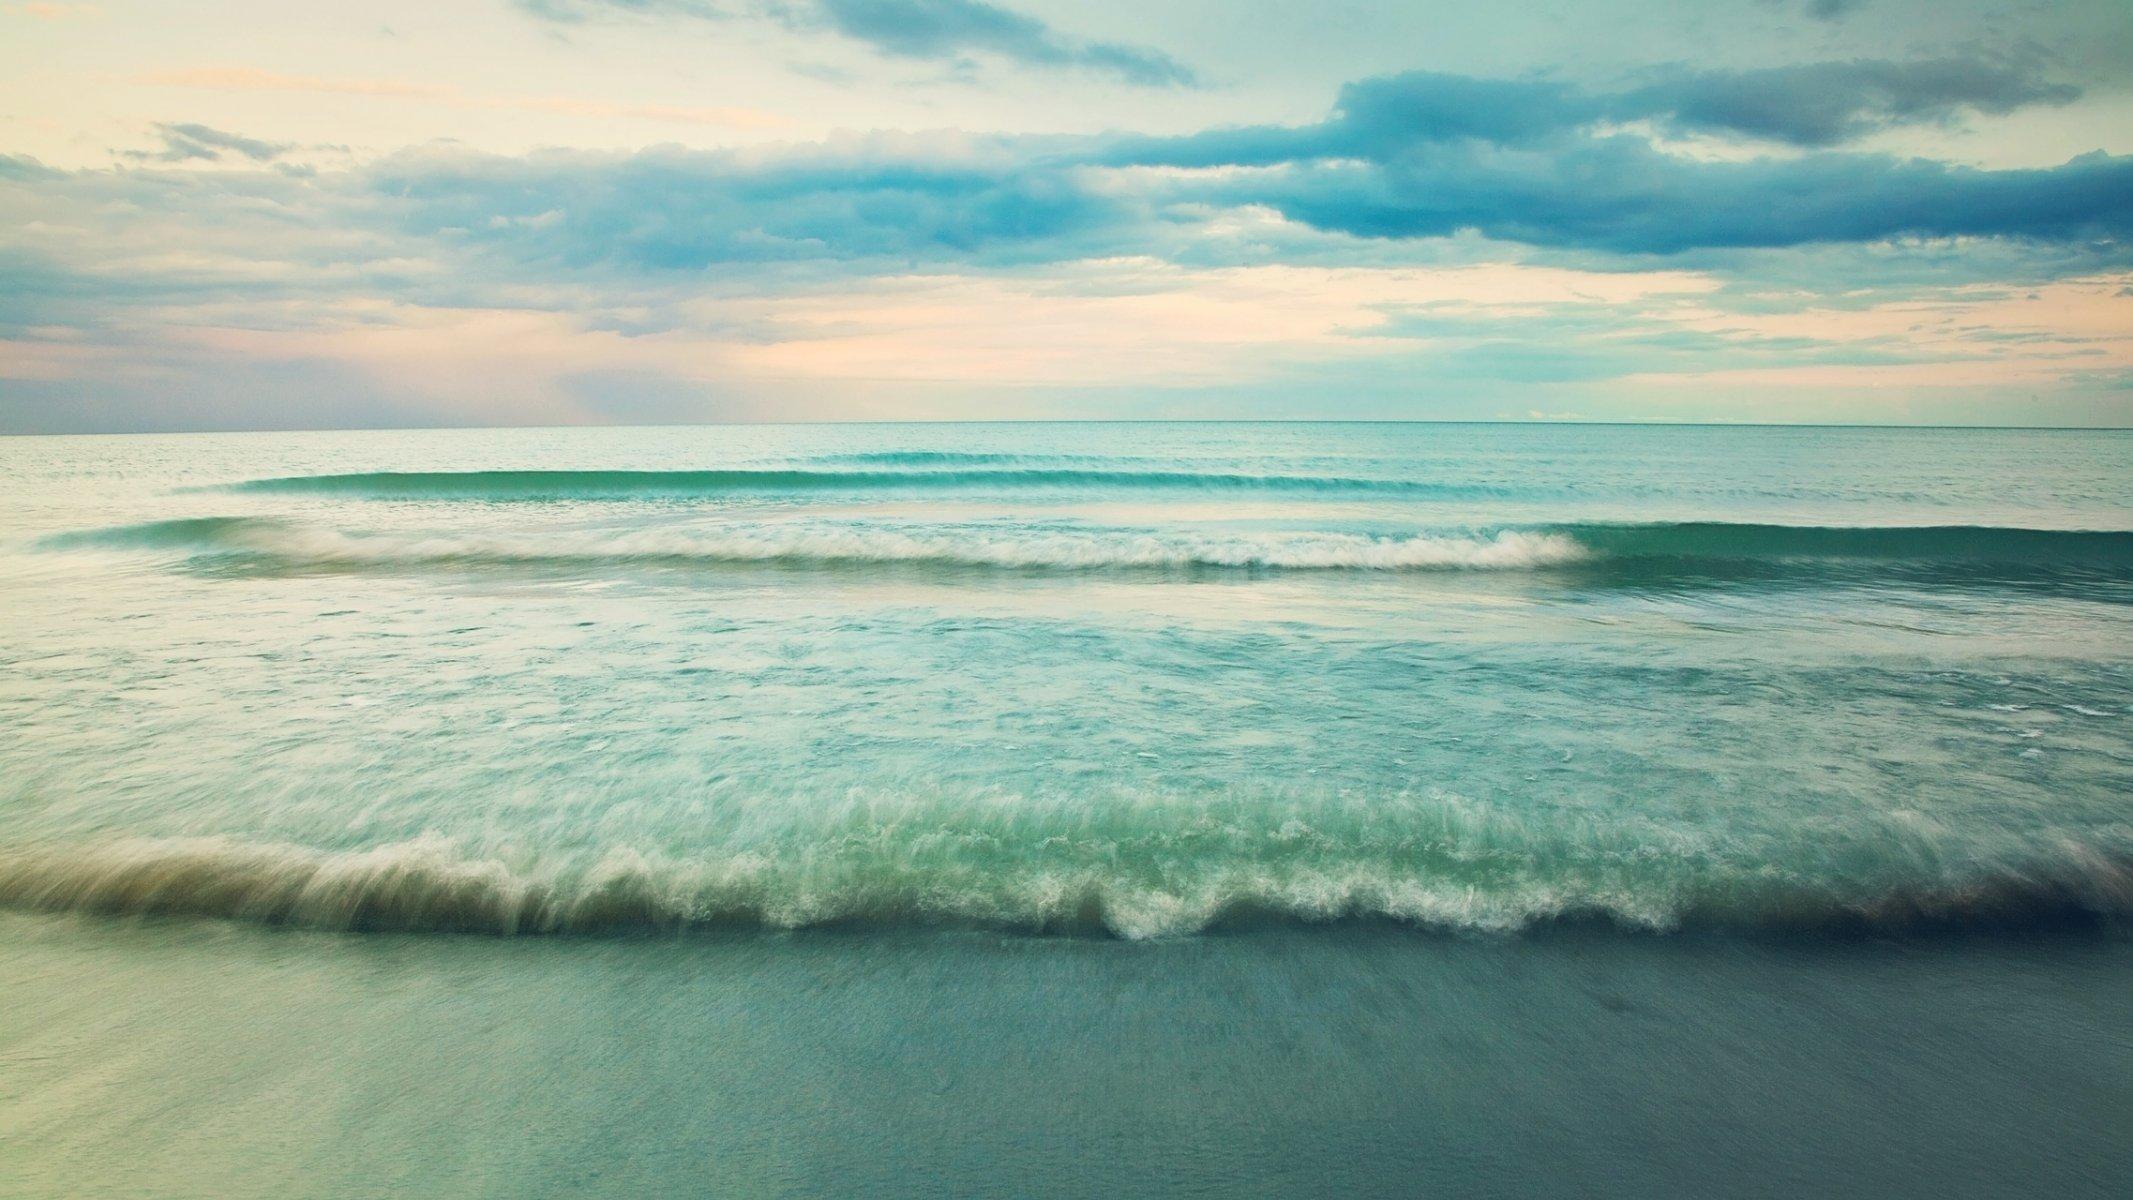 природа волна радуга вода  № 1039588 бесплатно